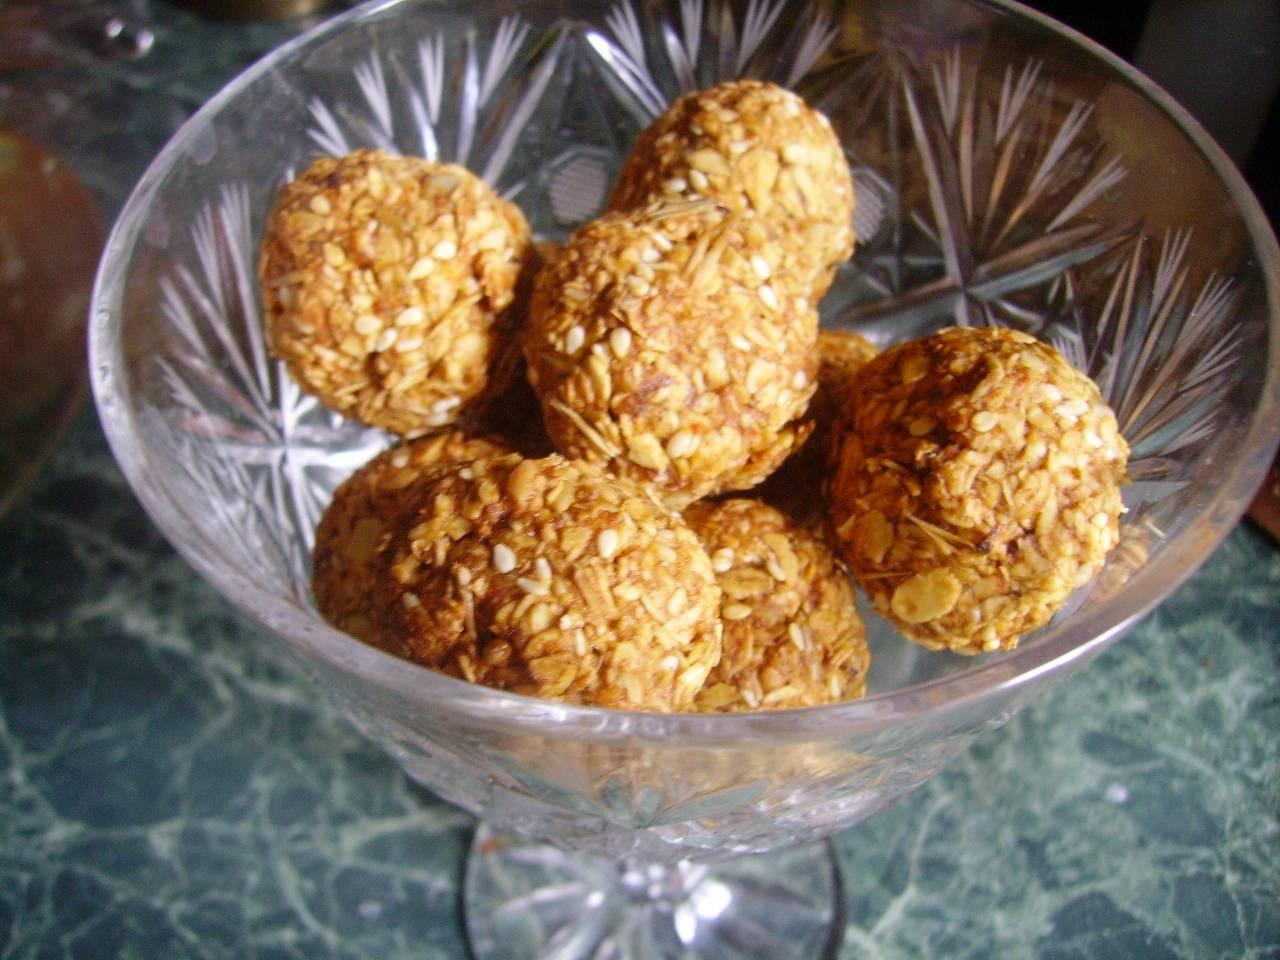 Конфеты с шоколадом – своими руками: вкусно и полезно. 2 рецепта. конфеты своими руками для детей